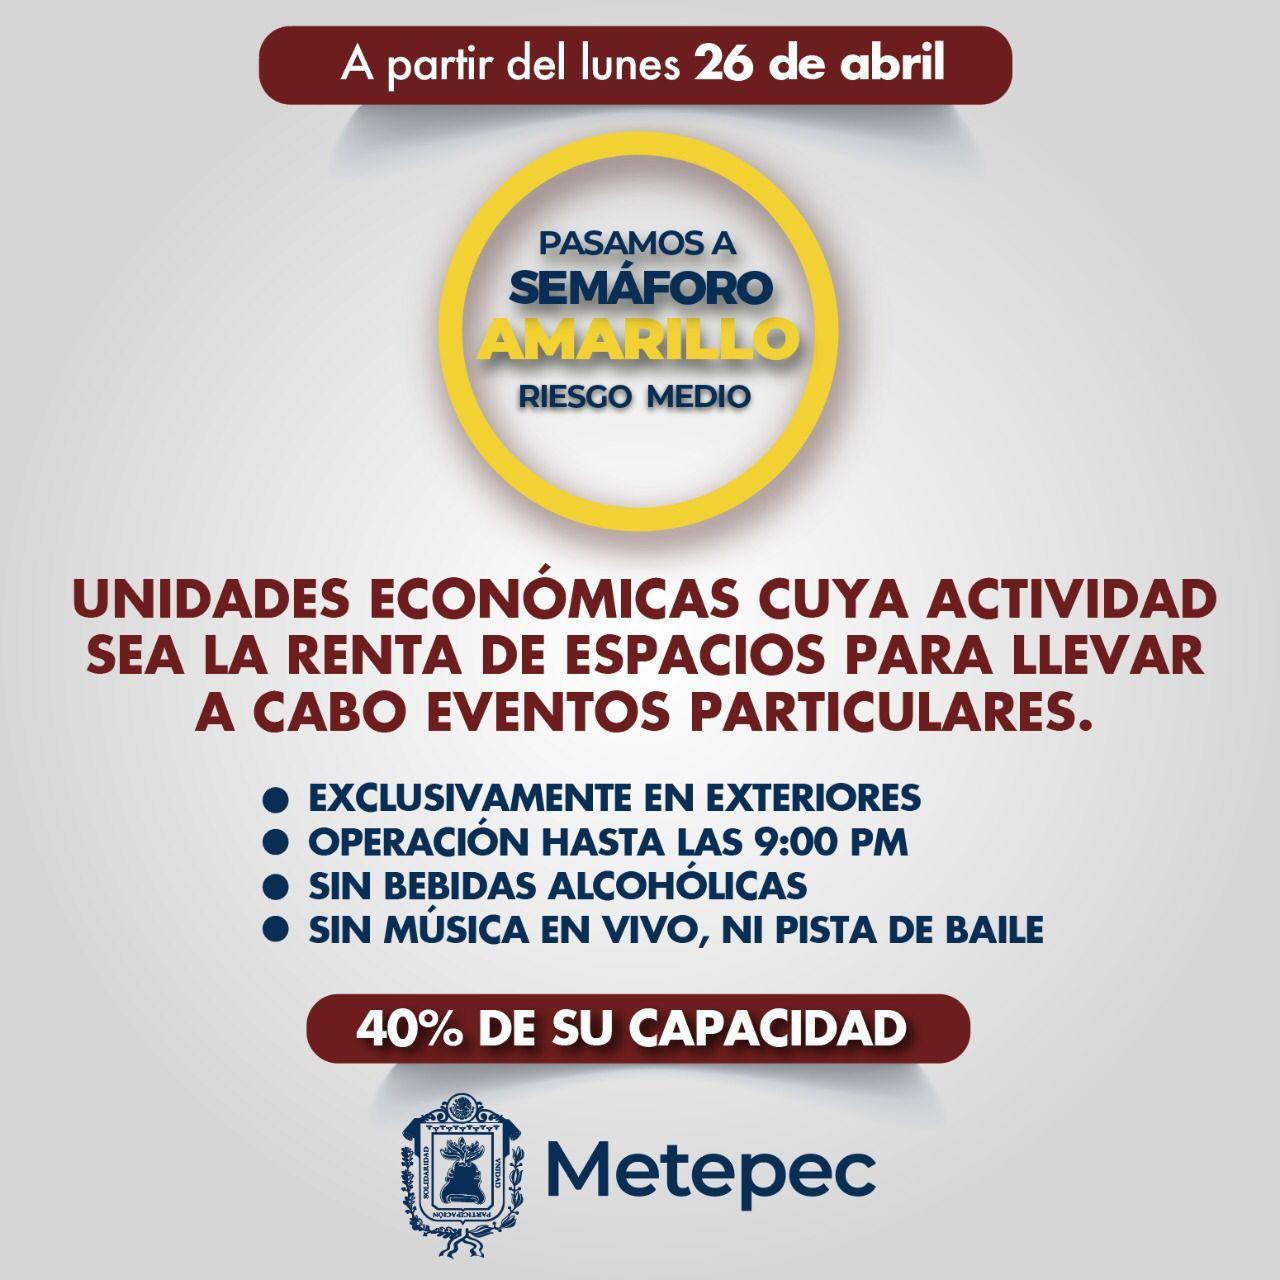 Cumplen en Metepec con las disposiciones establecidas en el semáforo de contagio de color amarillo